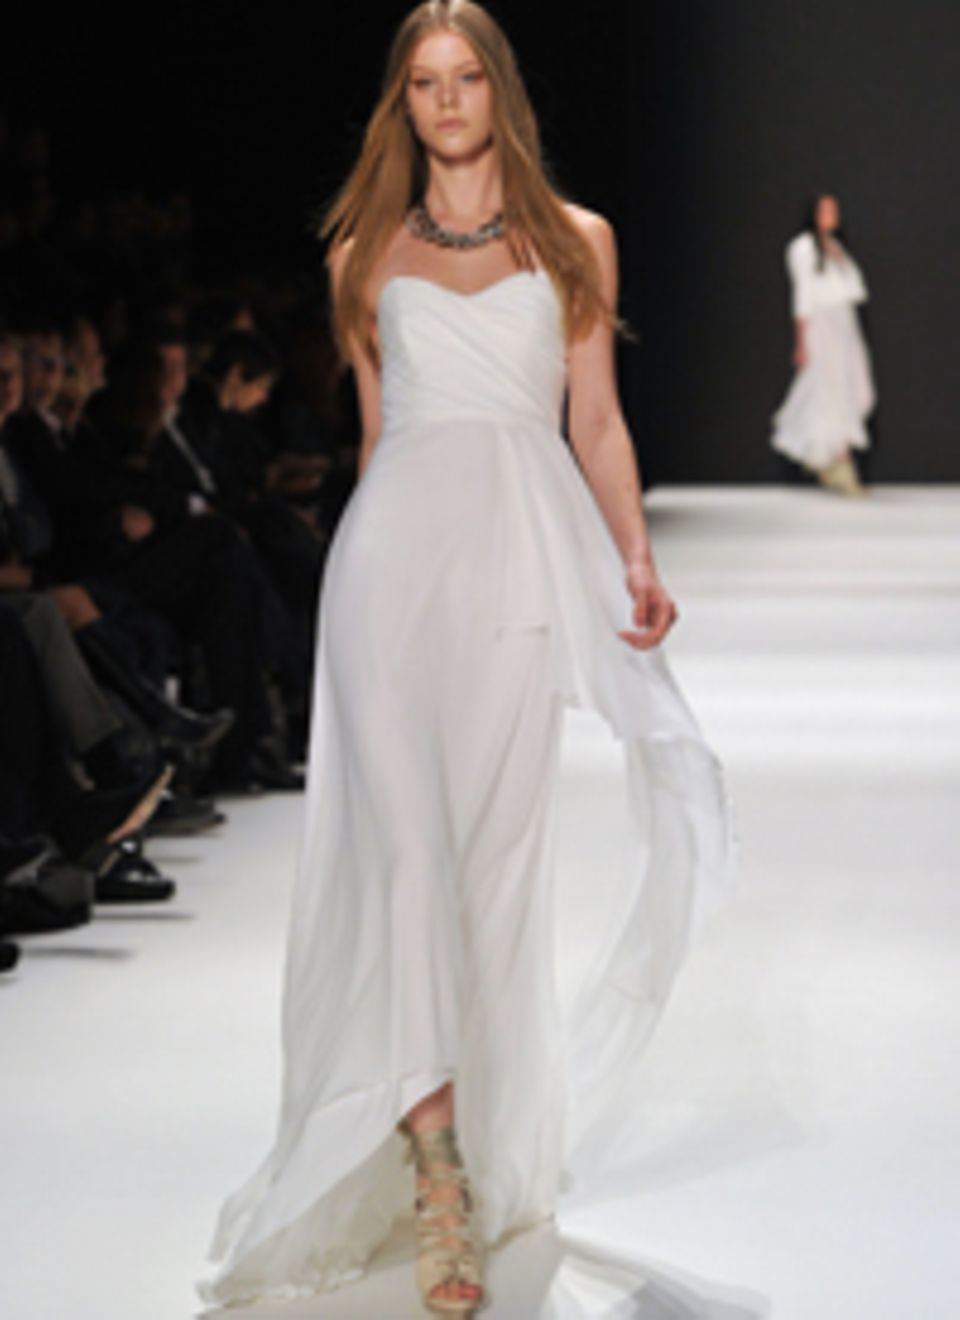 Highlights aus Fashion und Beauty für die Hochzeits-Saison 2012 in der GALAwedding: Gewinnen Sie mit Glück das Couture-Brautklei